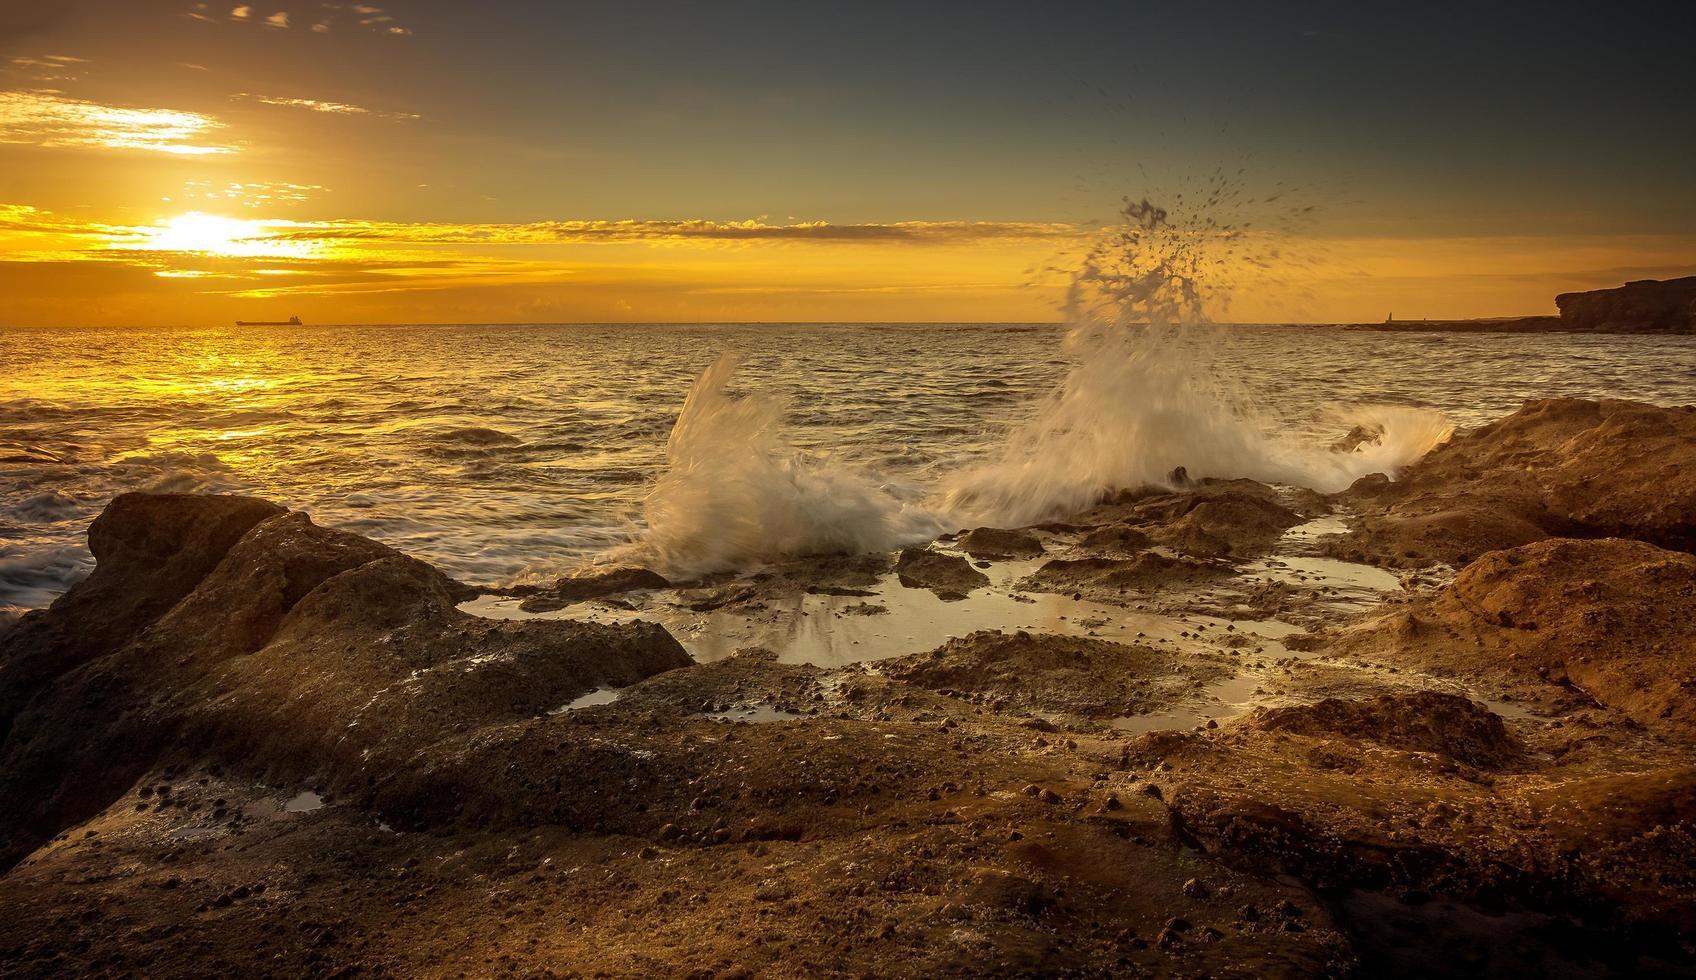 vagues de l'océan s'écraser sur le rivage rocheux photo